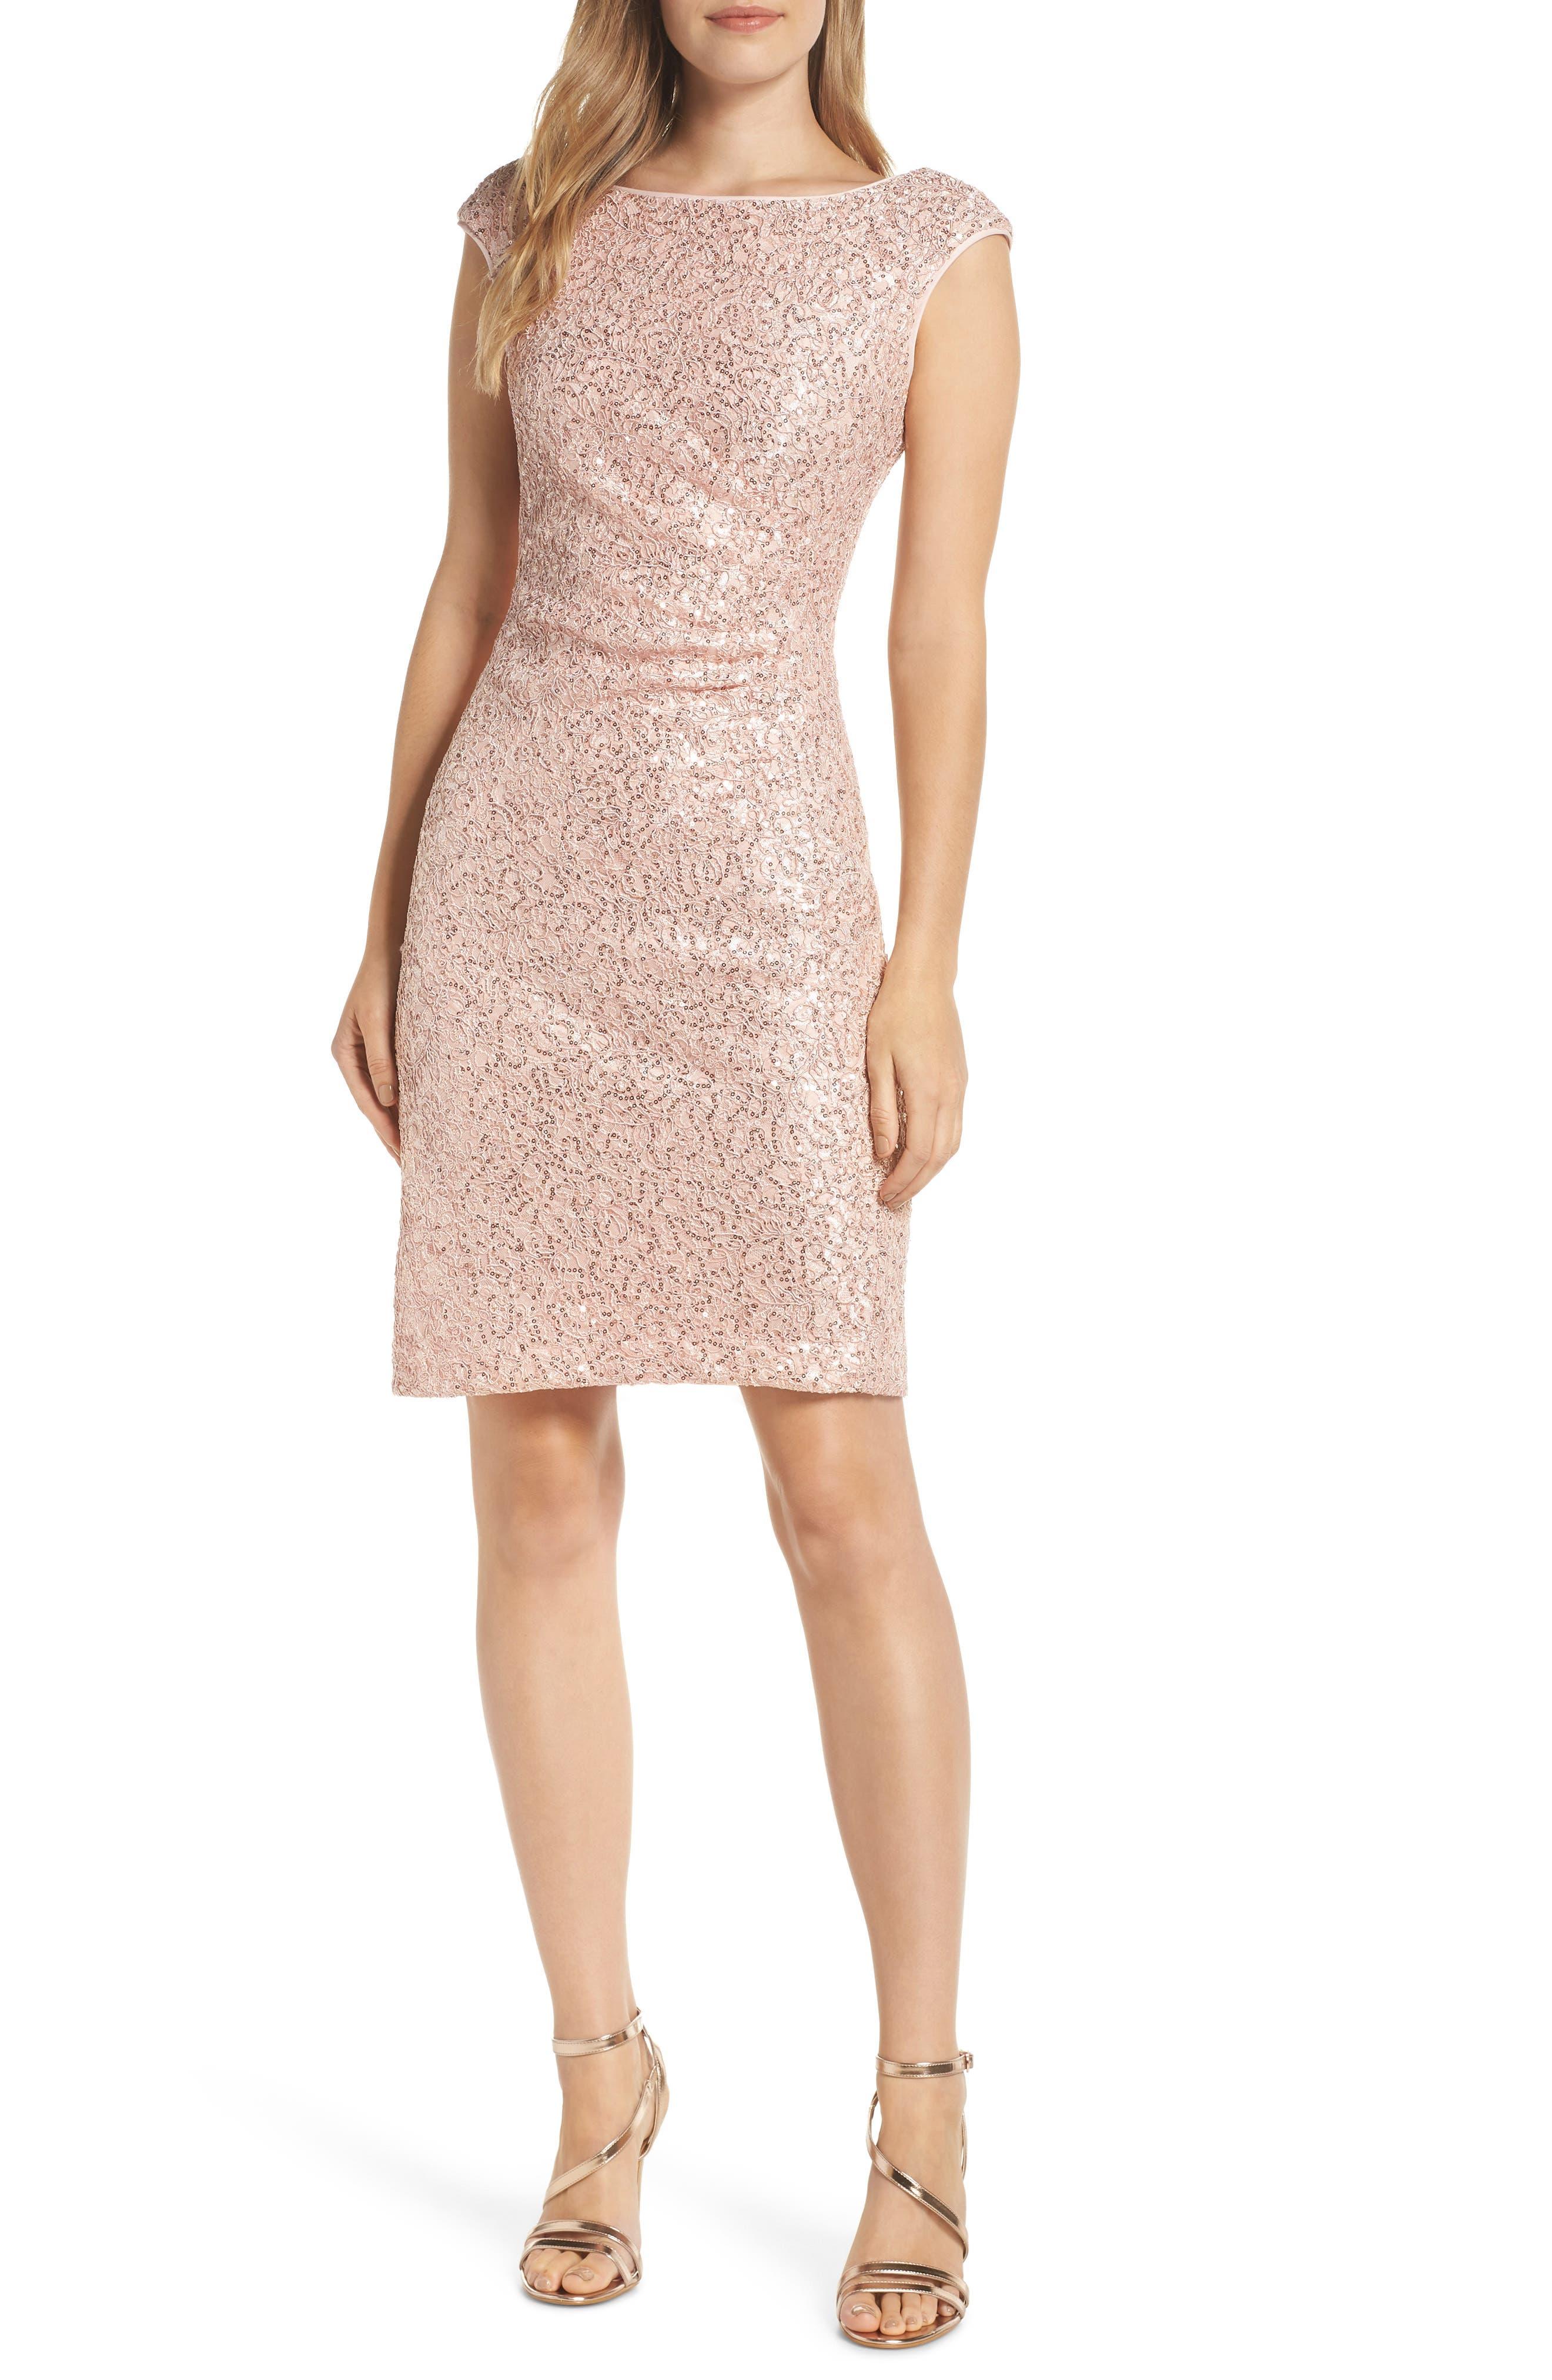 VINCE CAMUTO, Sequin Lace Sheath Dress, Main thumbnail 1, color, 684